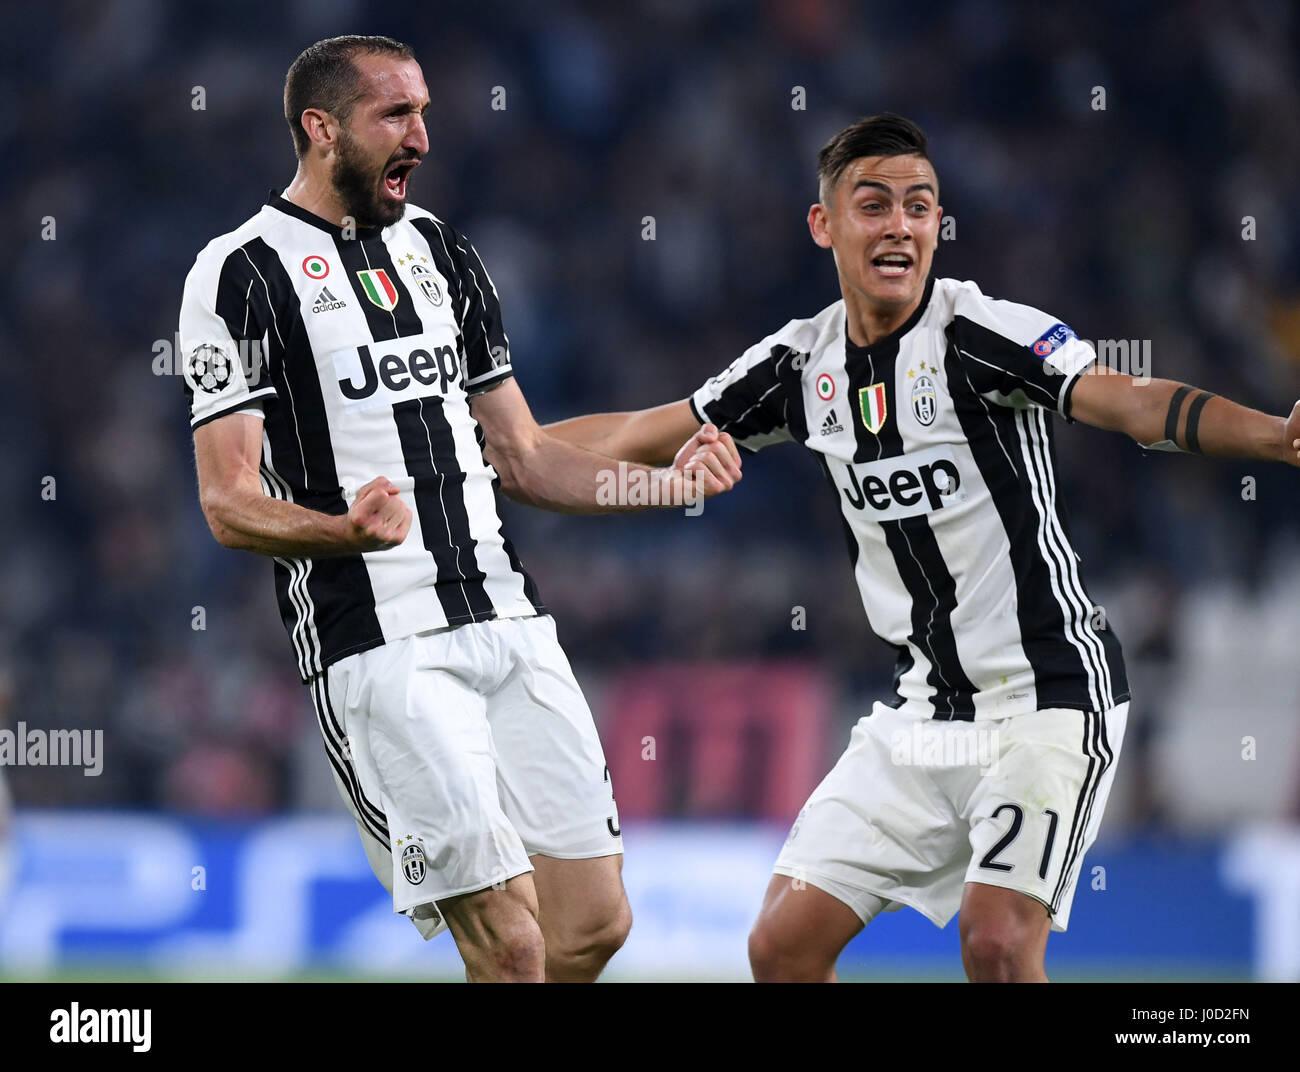 Torin Italy 11th Apr 2017 Juventus Giorgio Chiellini L Stock